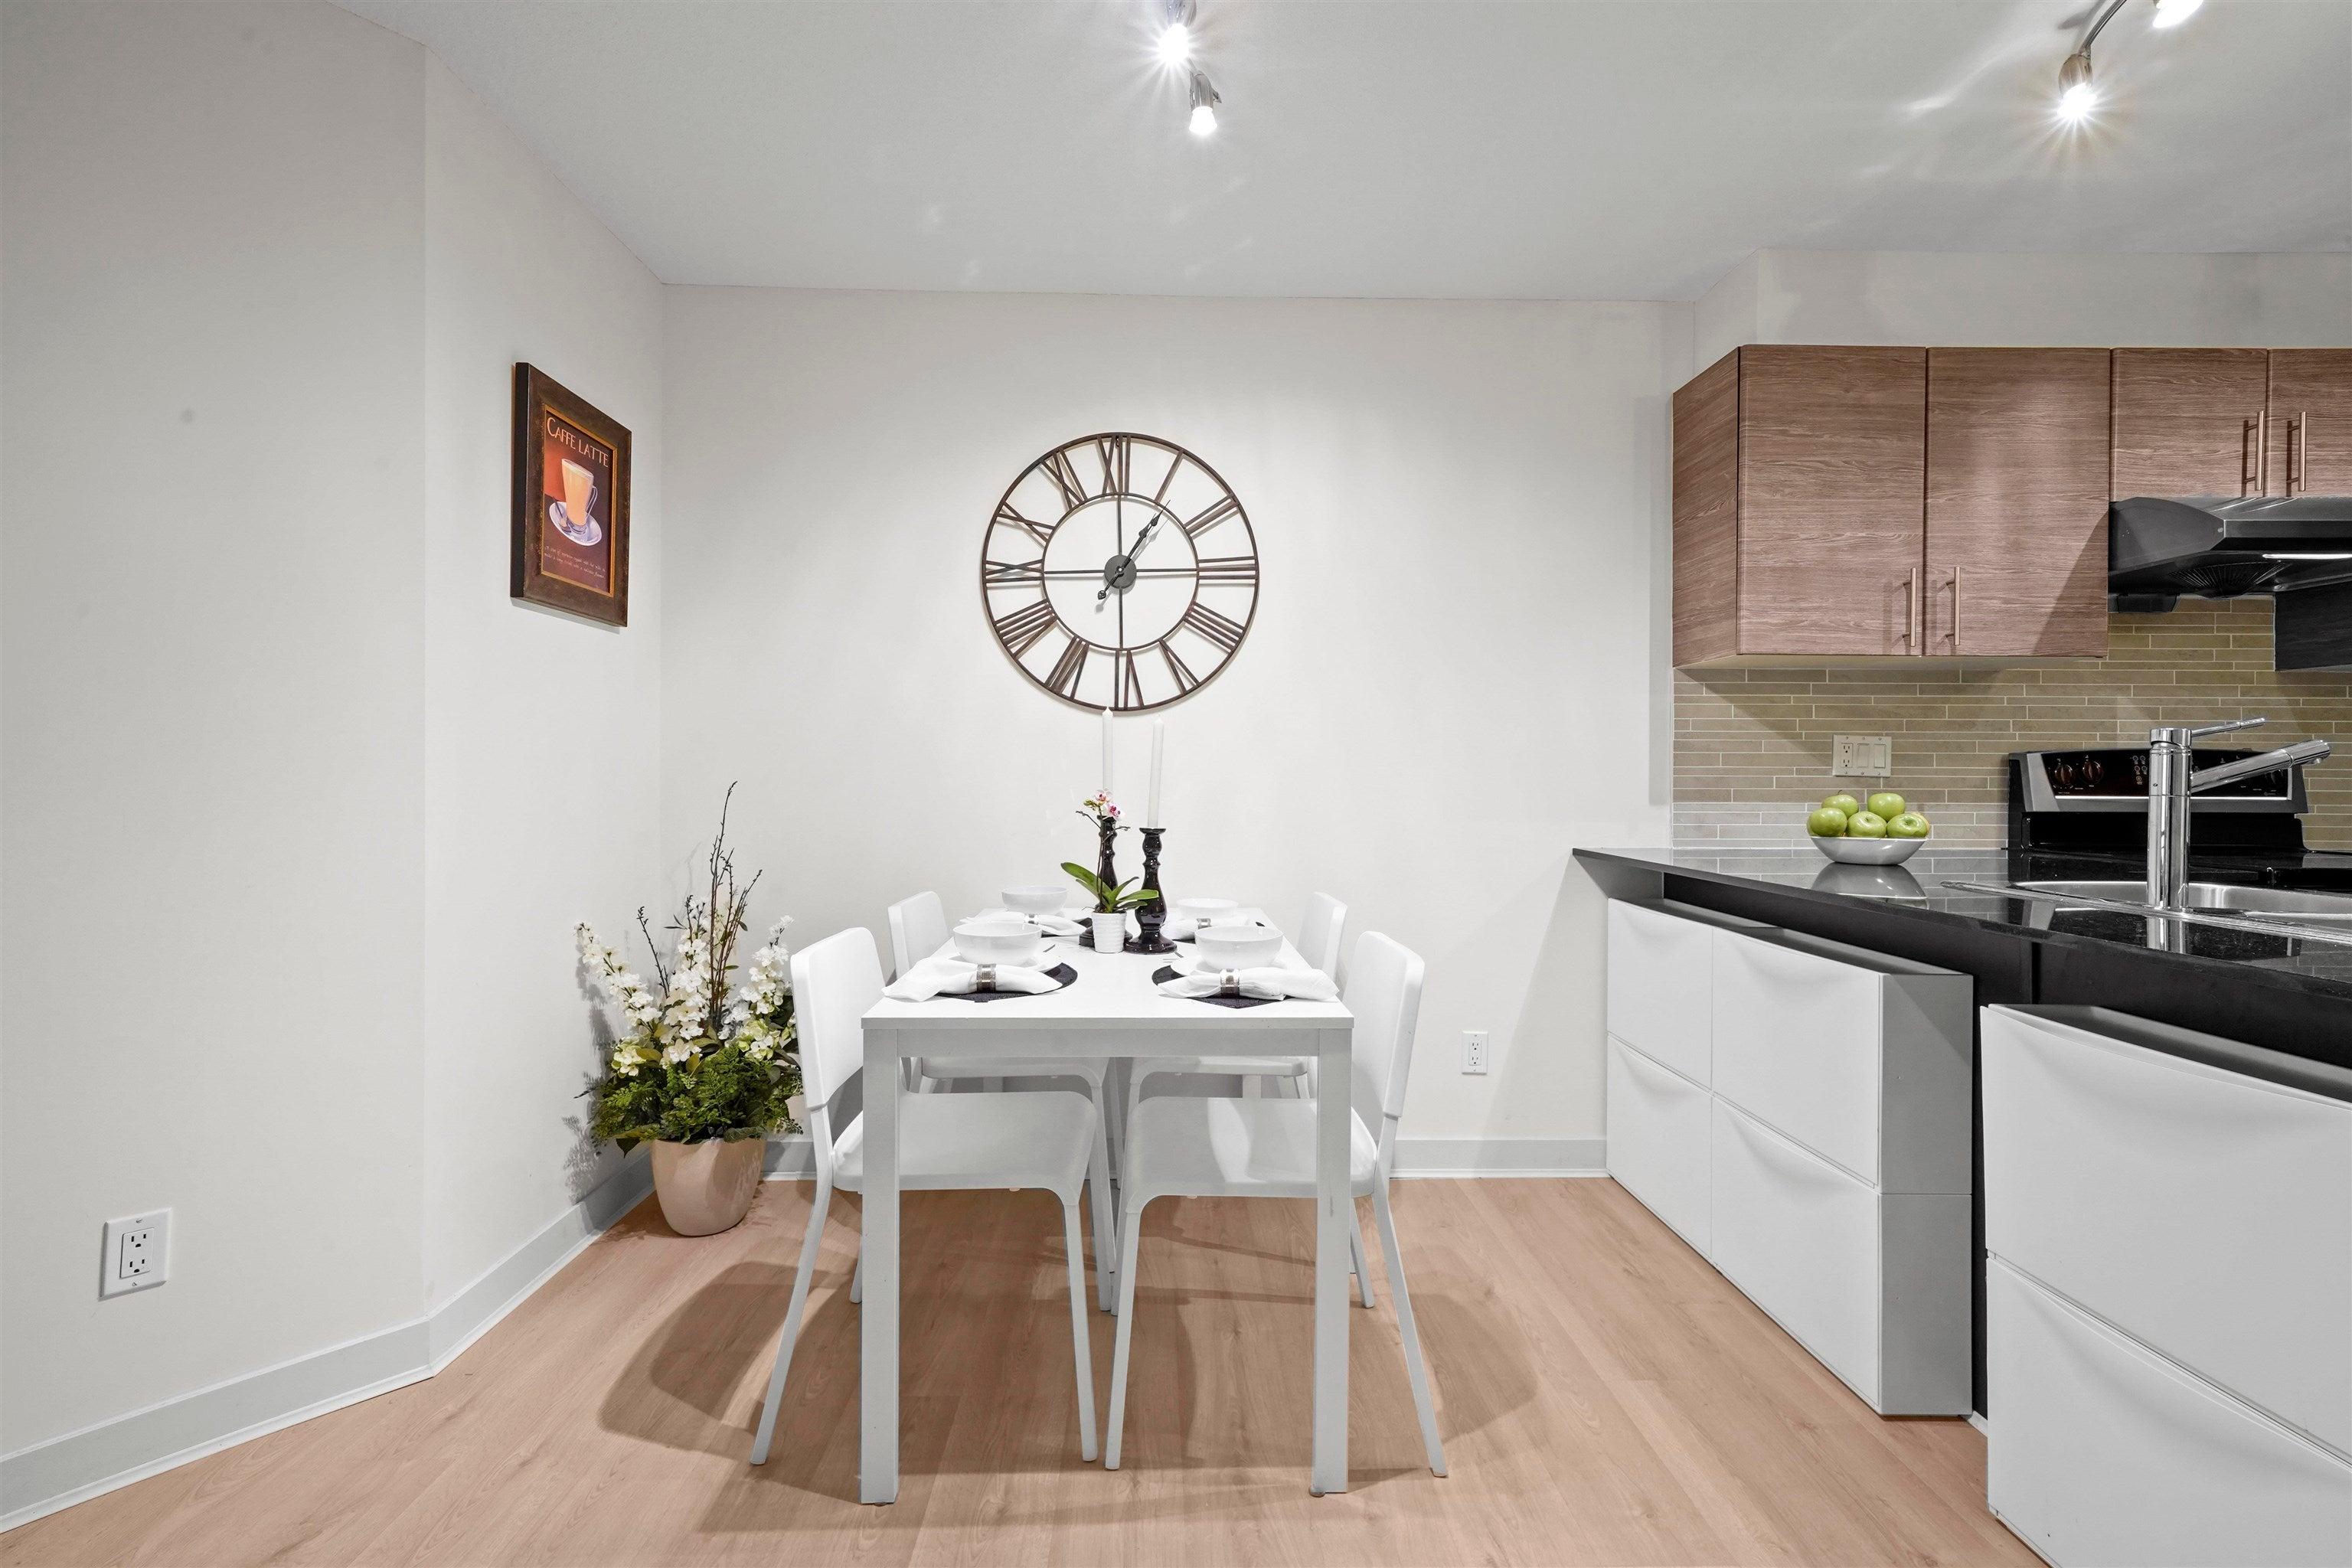 319 1633 MACKAY AVENUE - Pemberton NV Apartment/Condo for sale, 2 Bedrooms (R2624916) - #7